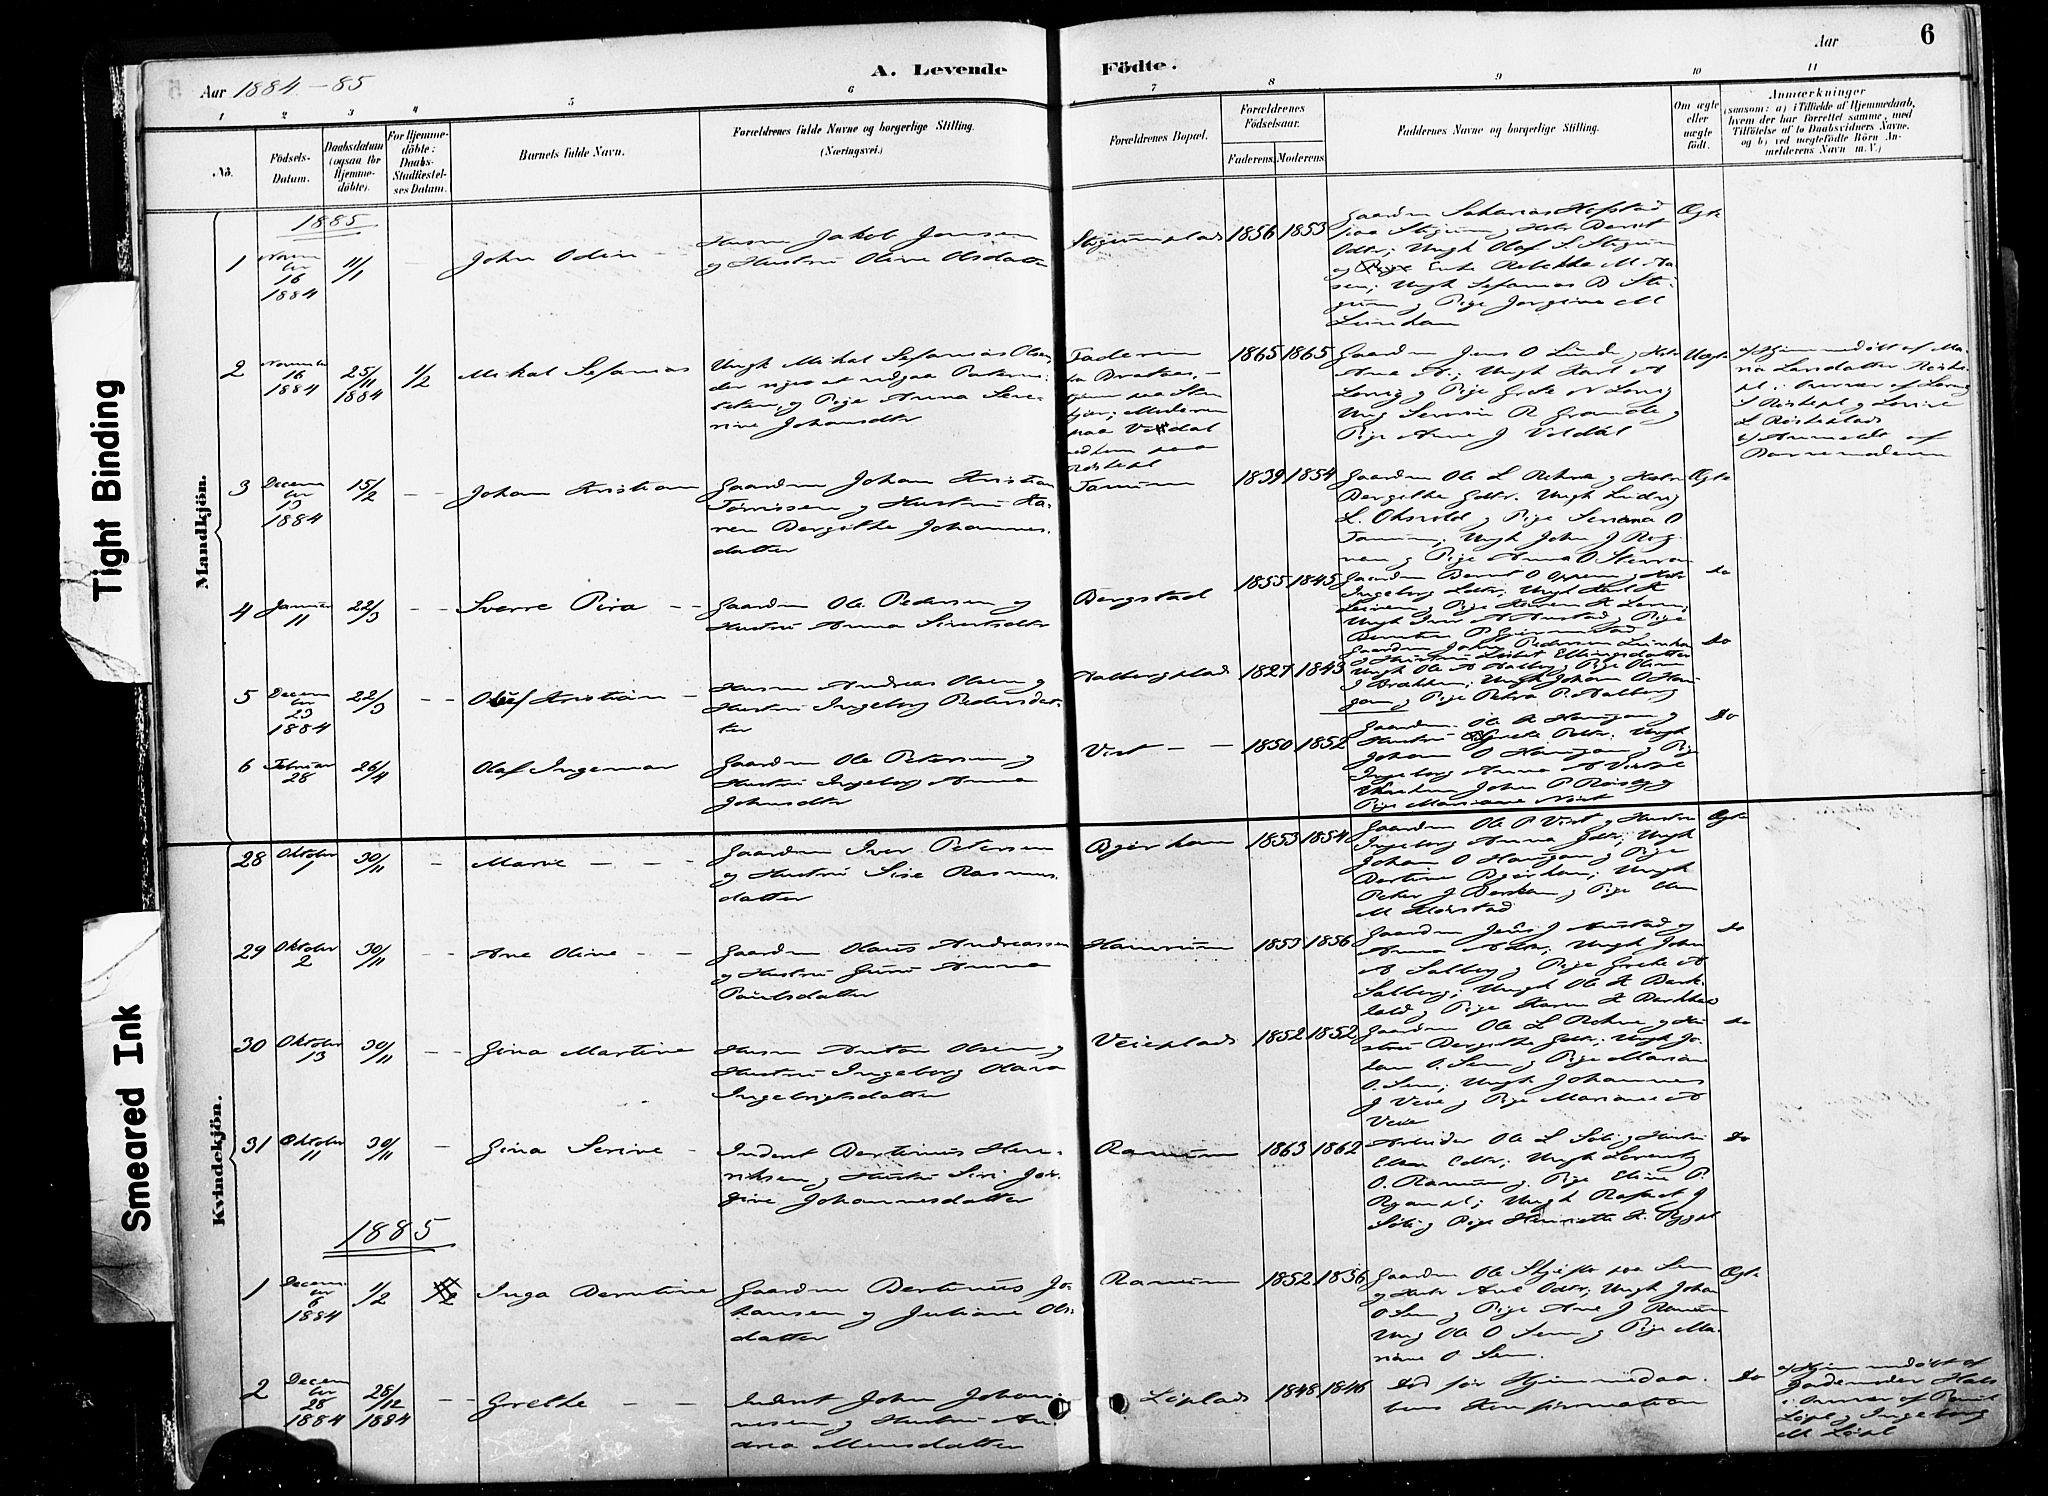 SAT, Ministerialprotokoller, klokkerbøker og fødselsregistre - Nord-Trøndelag, 735/L0351: Ministerialbok nr. 735A10, 1884-1908, s. 6